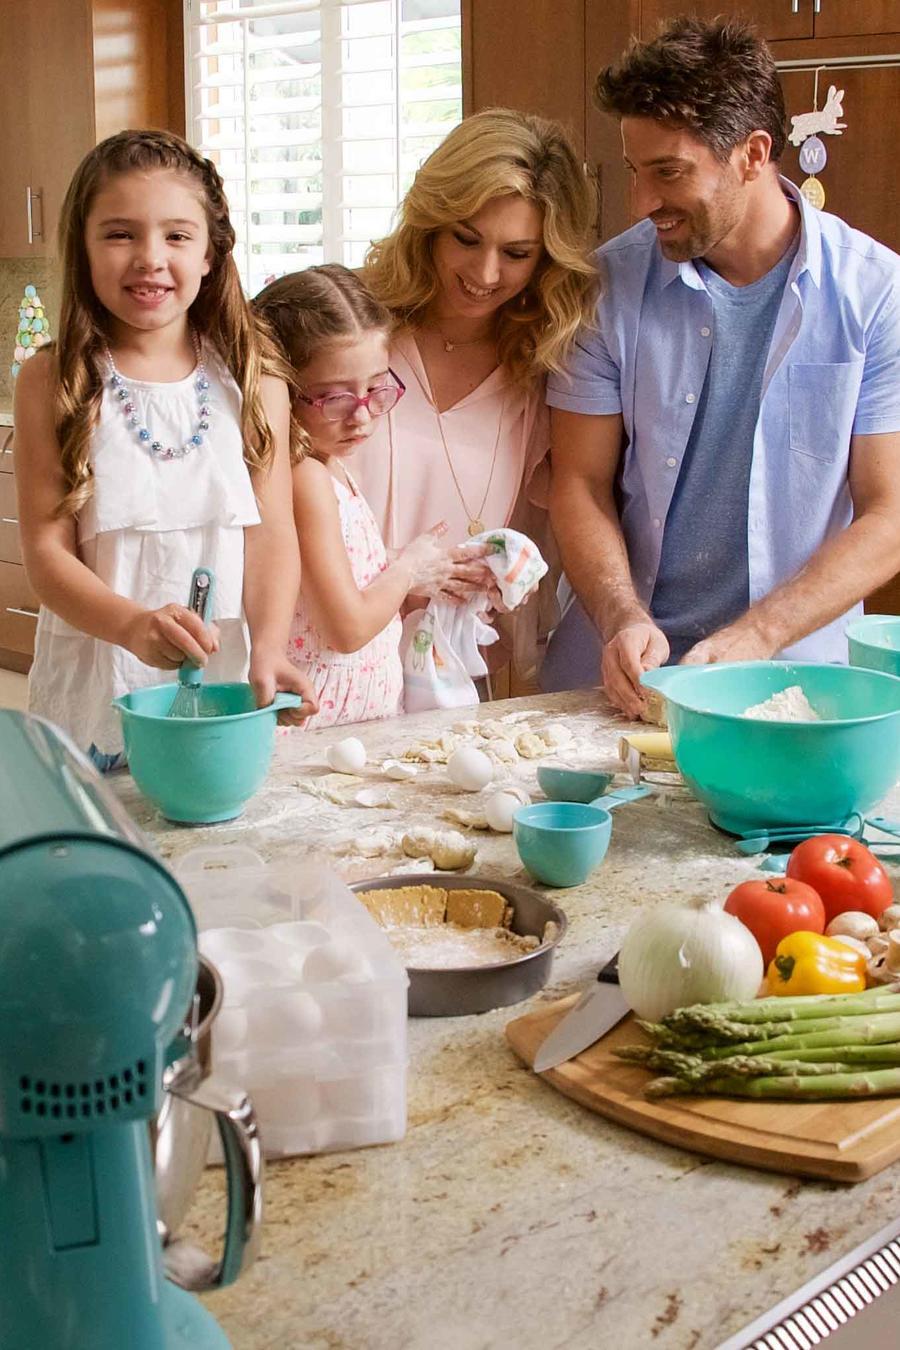 Familia reunida en la cocina